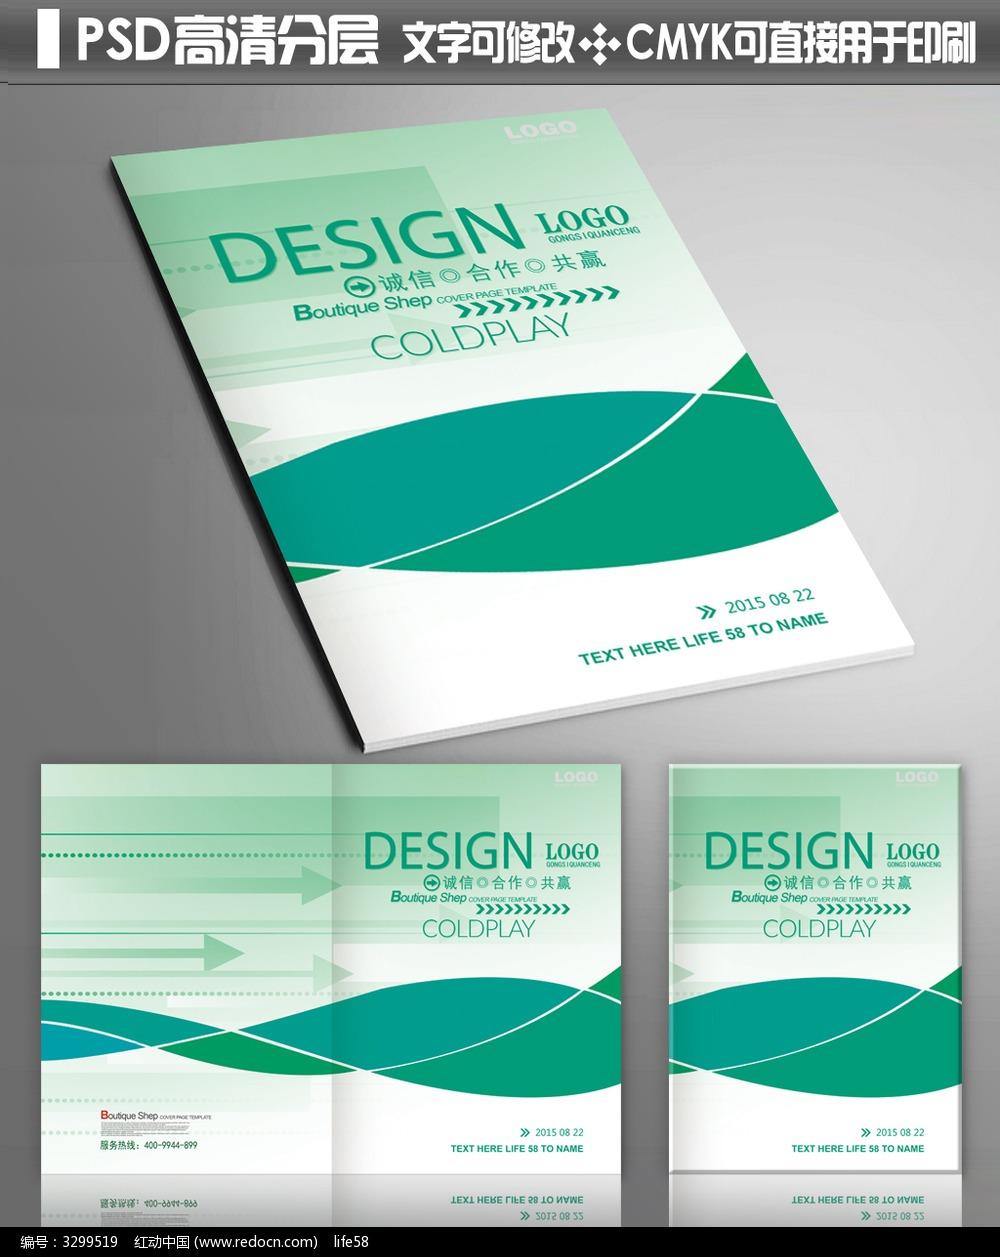 原创设计稿 画册设计/书籍/菜谱 封面设计 小清新简约画册封面设计图片